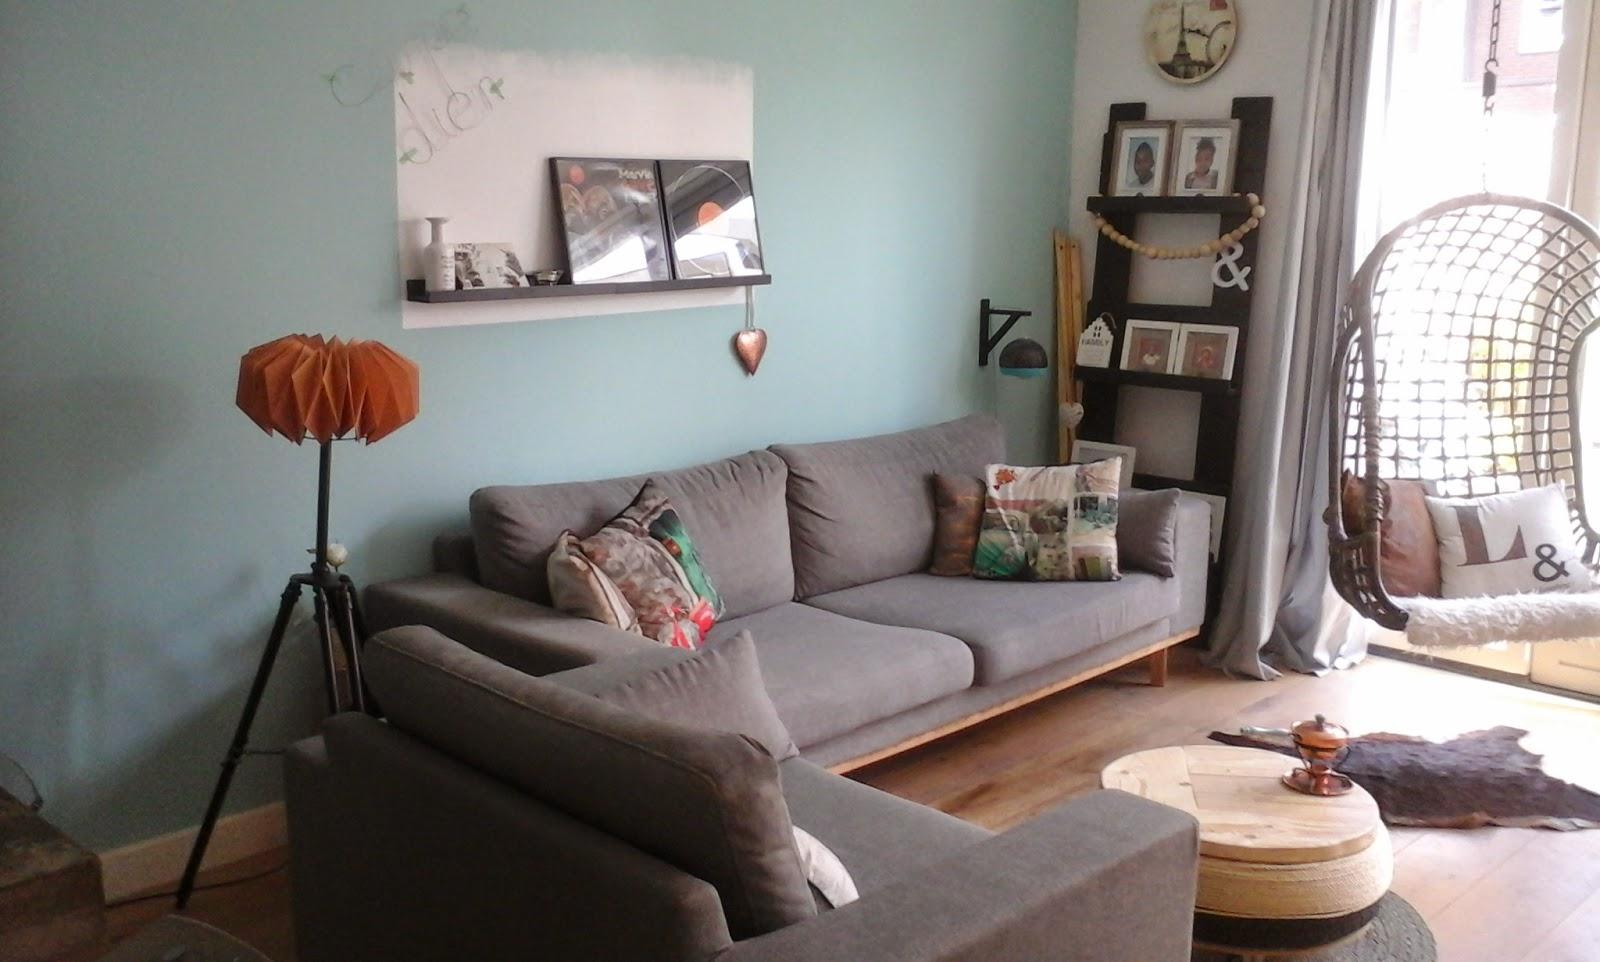 Pimpish: klaar voor de lente en zomer? restyle van de woonkamer ...